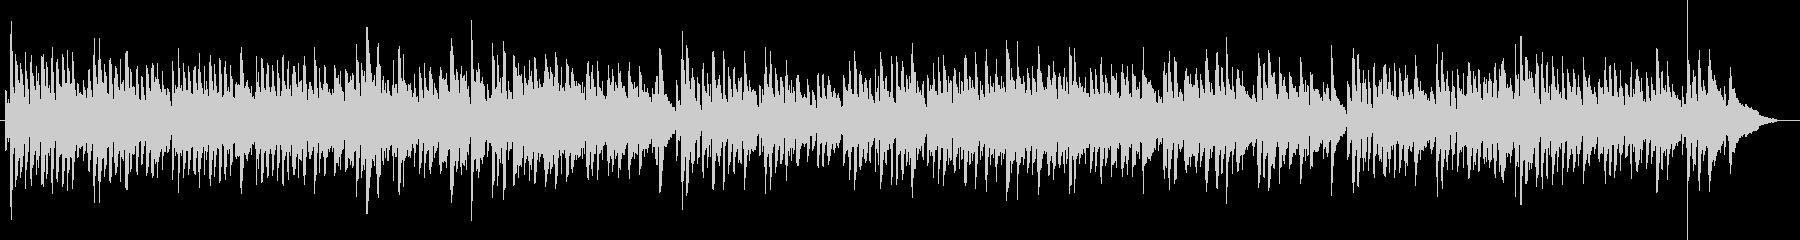 マンドリン風ギター コンドル 山岳民謡の未再生の波形